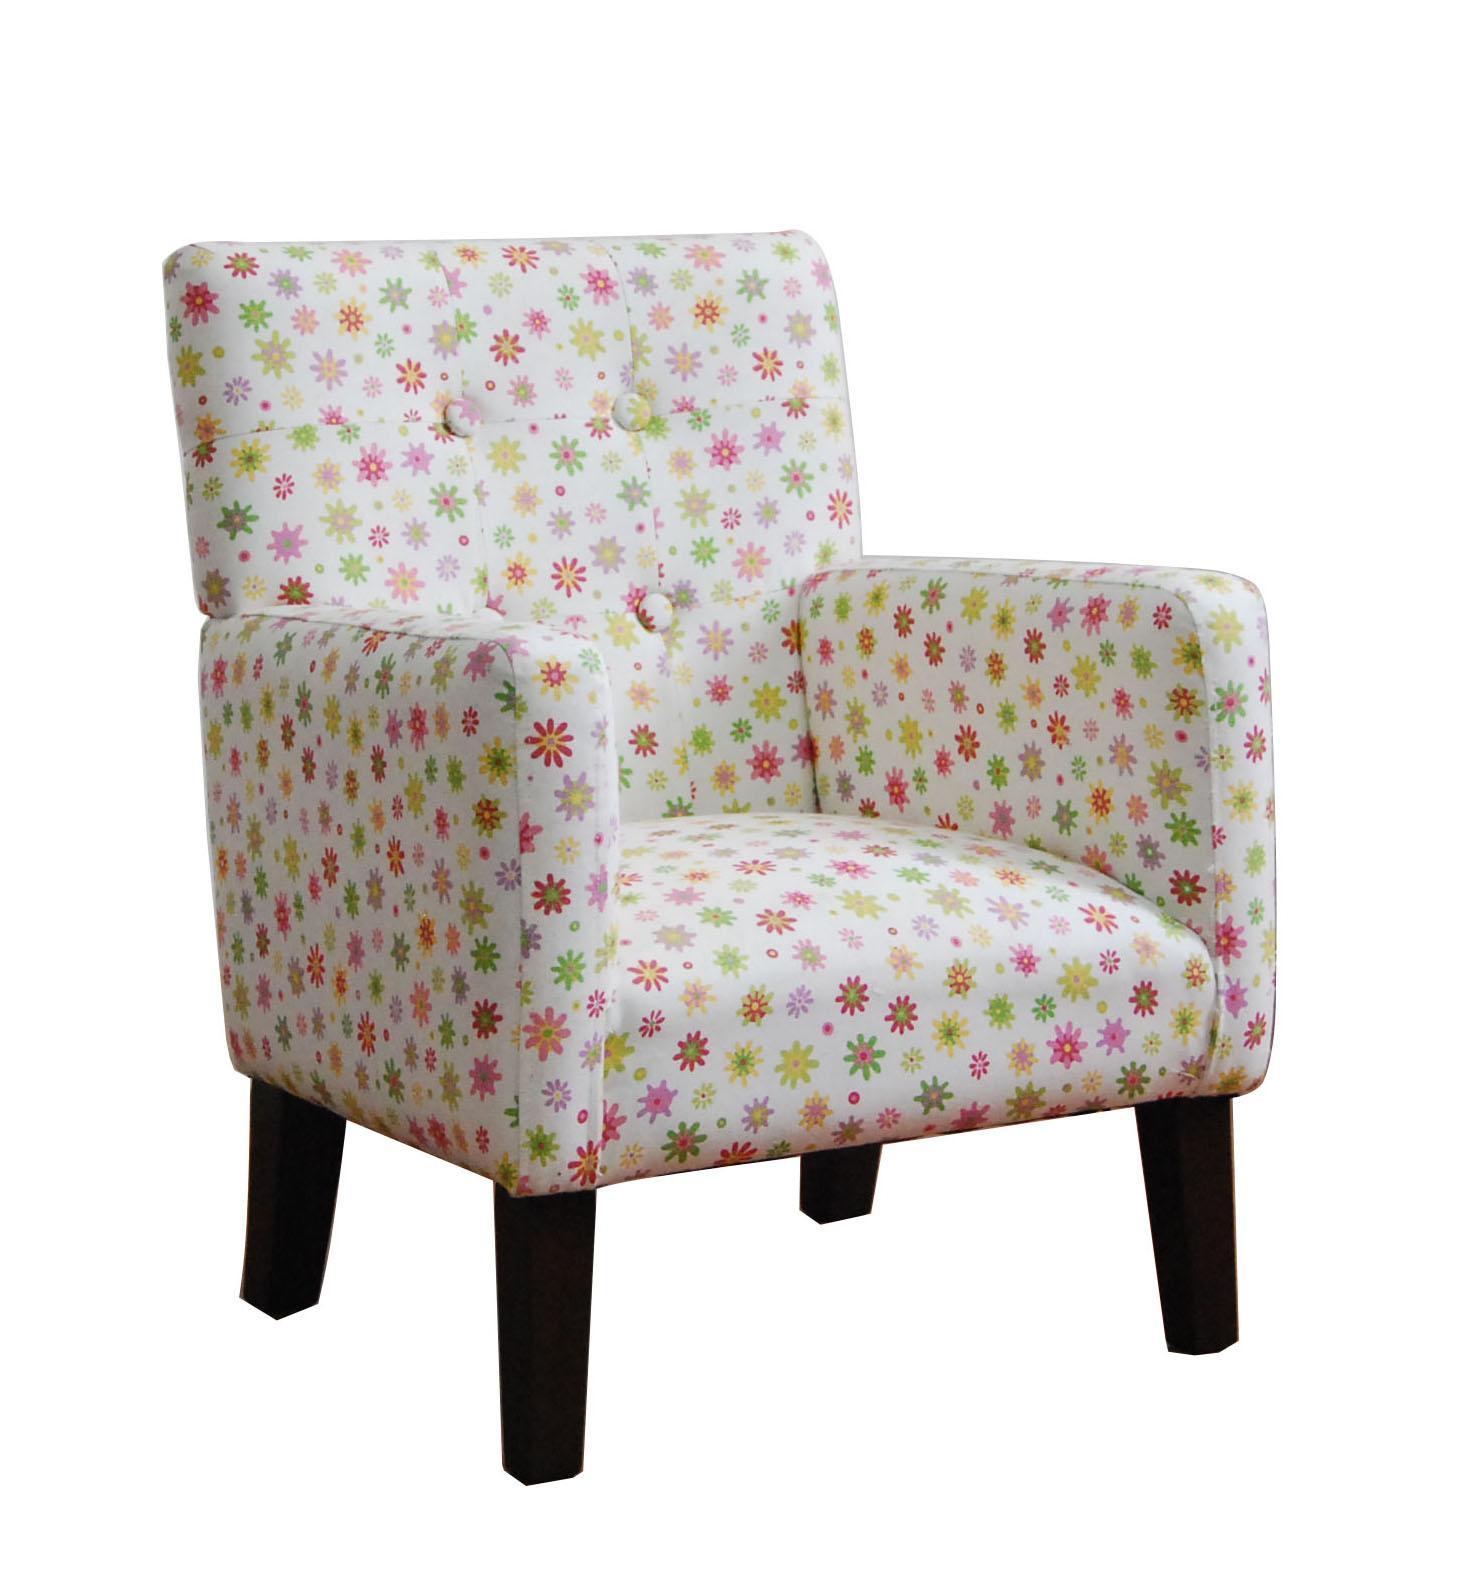 Modern arm chair mod daisy living room chair